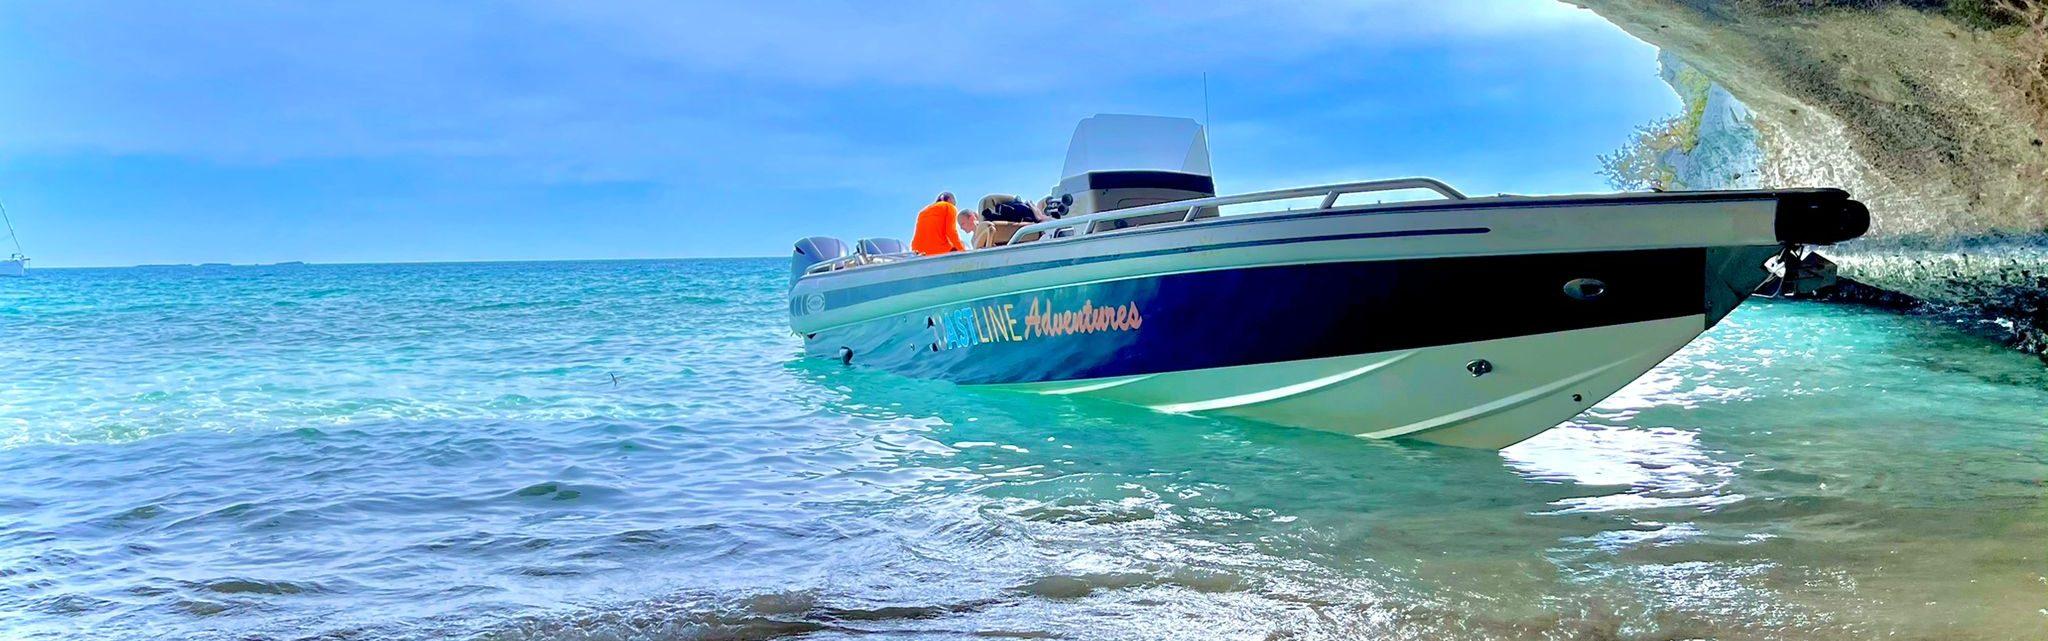 Coastline Adventures Exuma